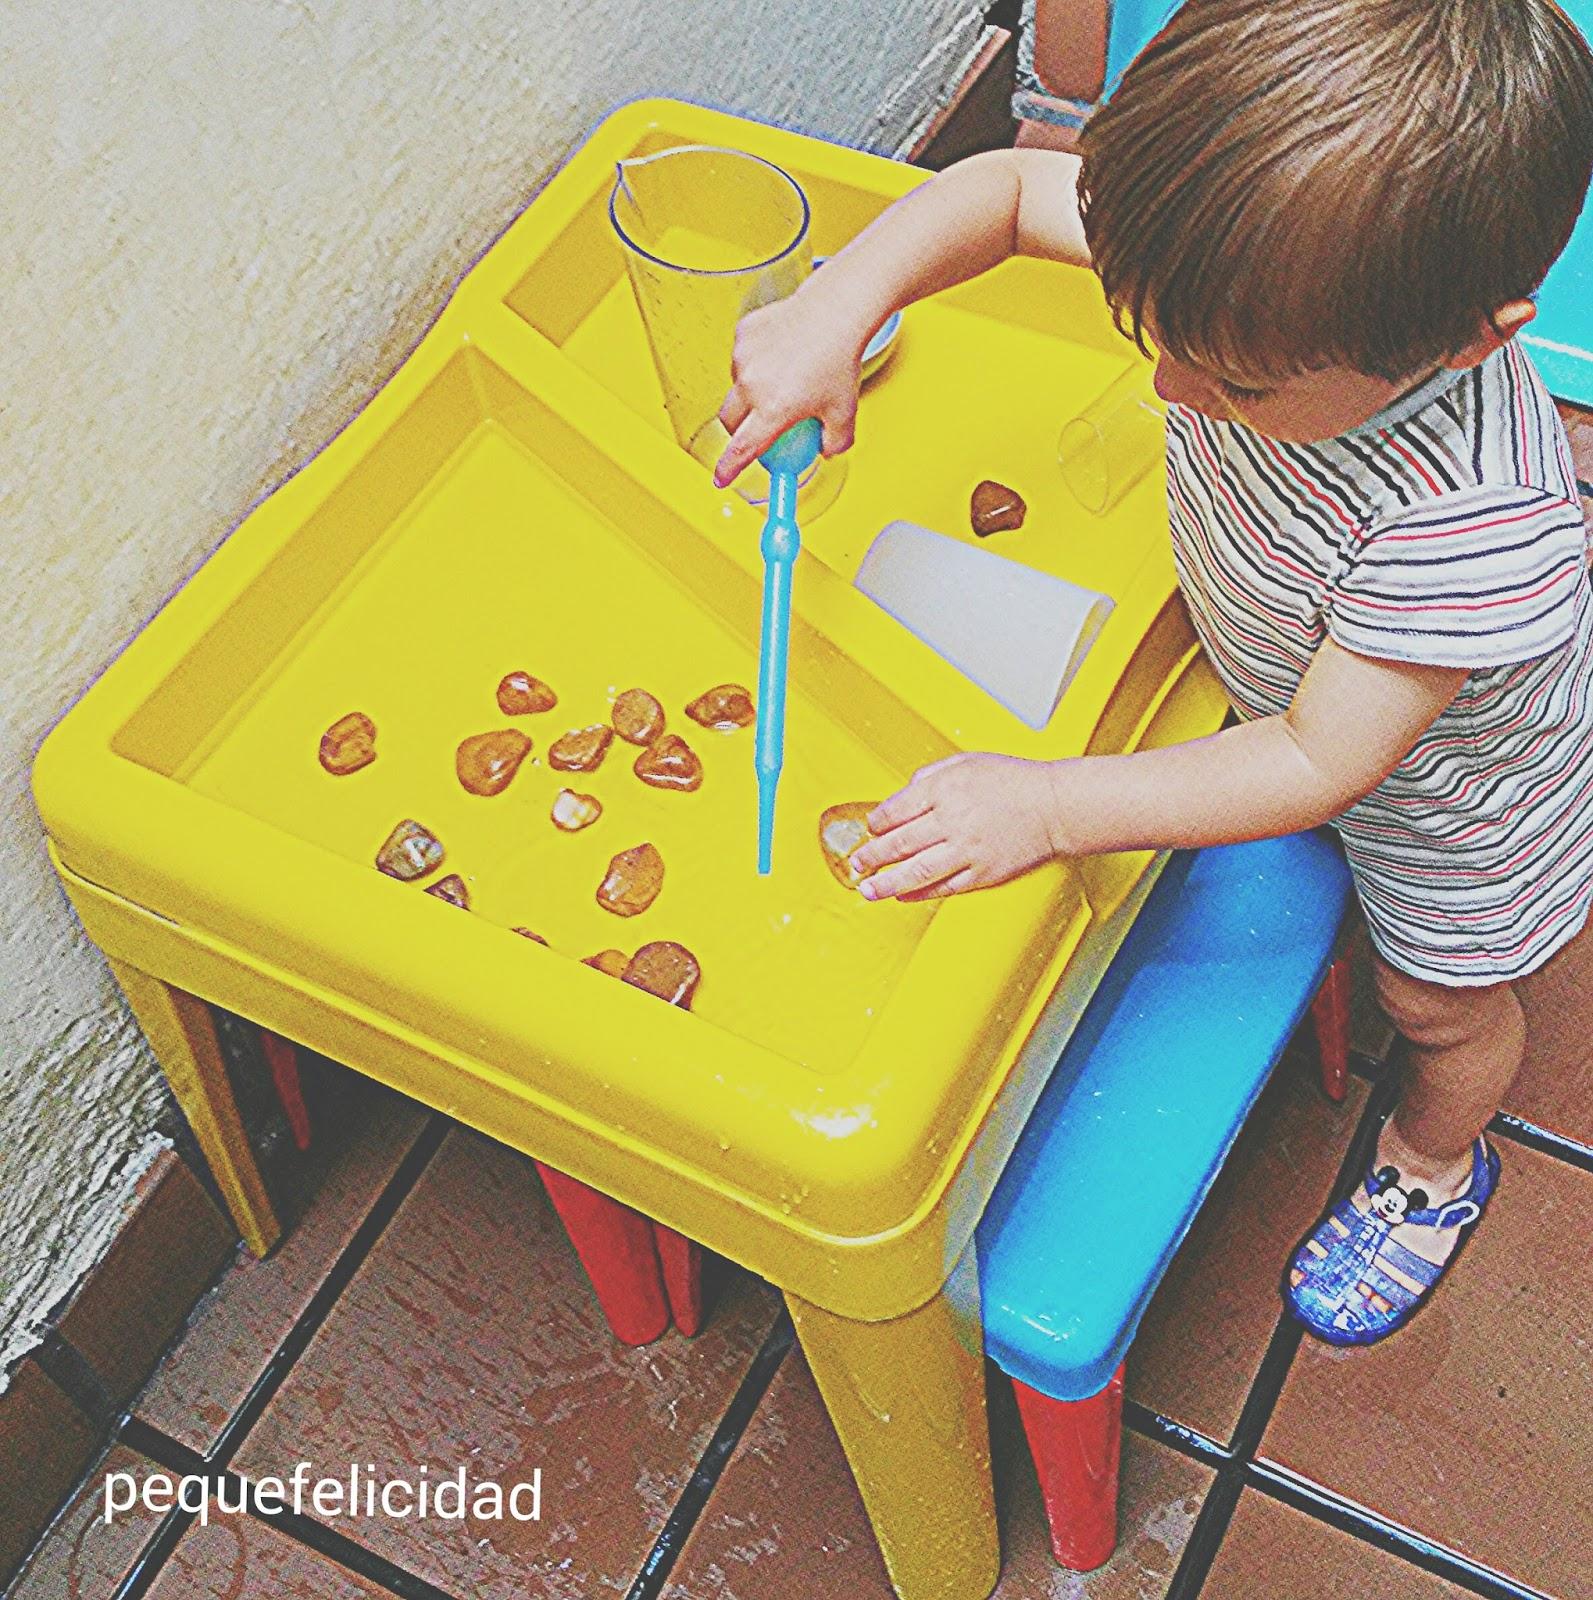 Pequefelicidad 10 Juegos Con Agua Para Ninos De 1 A 2 Anos